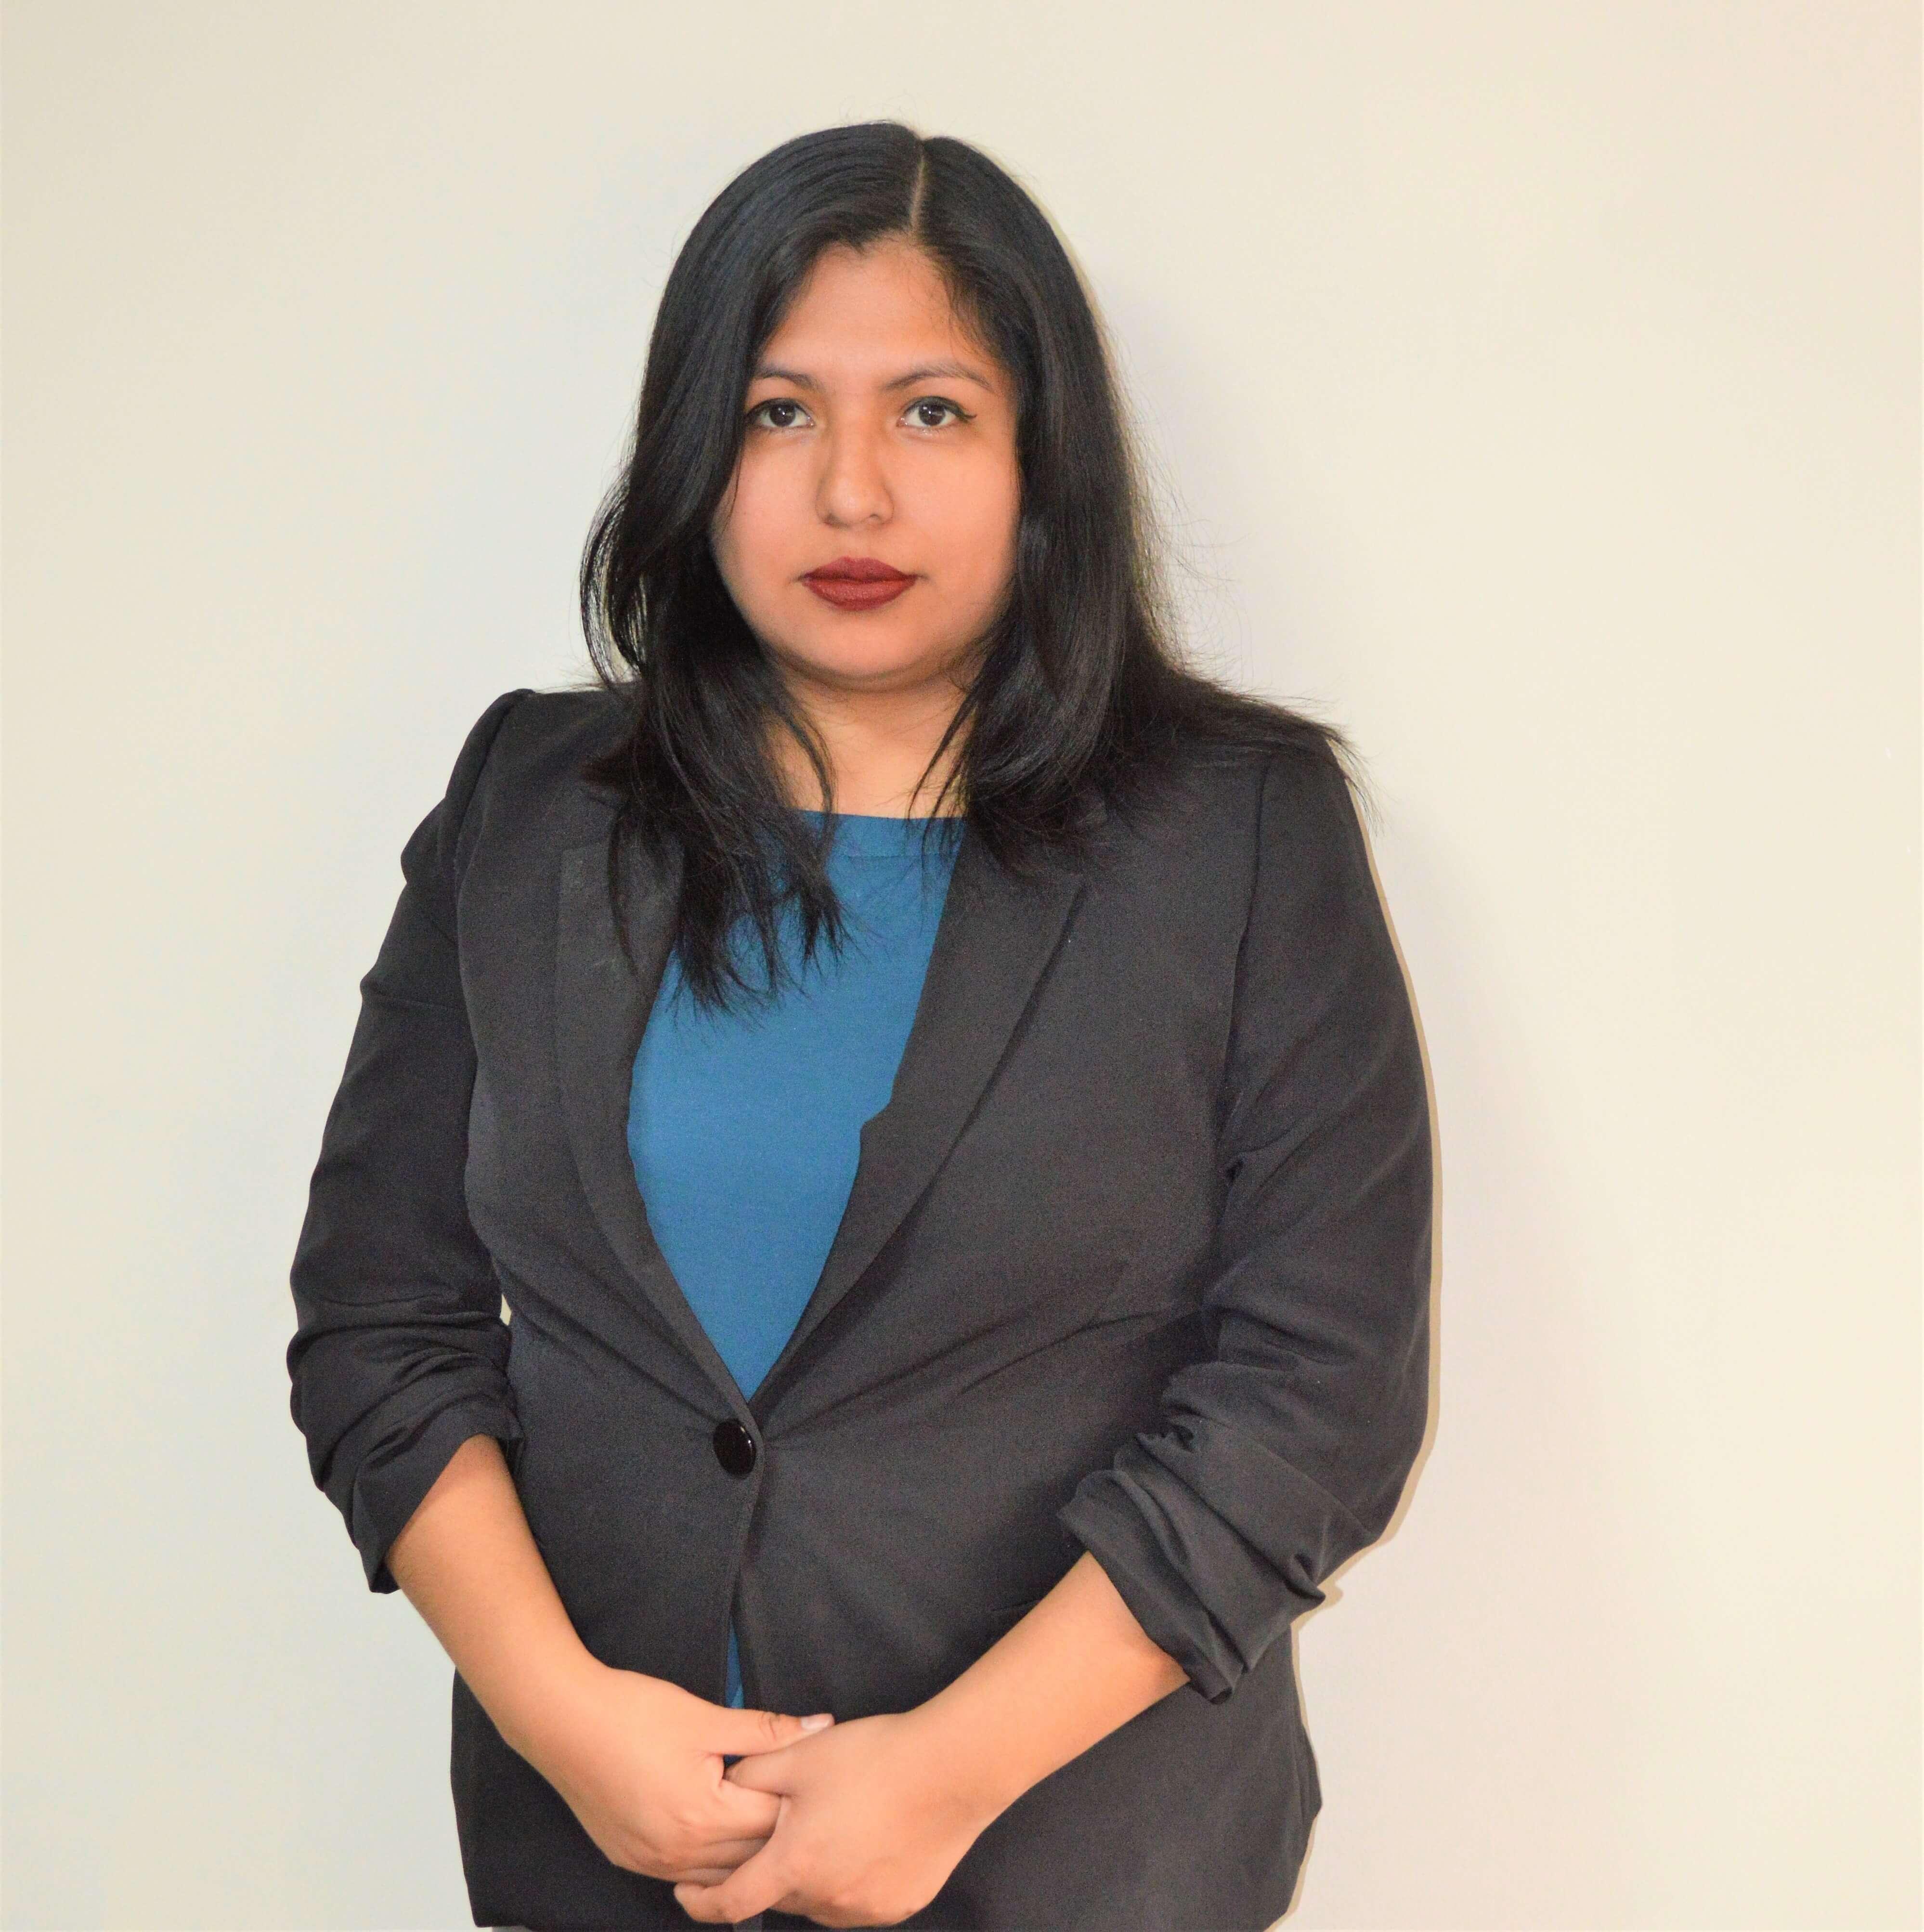 Katherine Valdivieso Pillaca